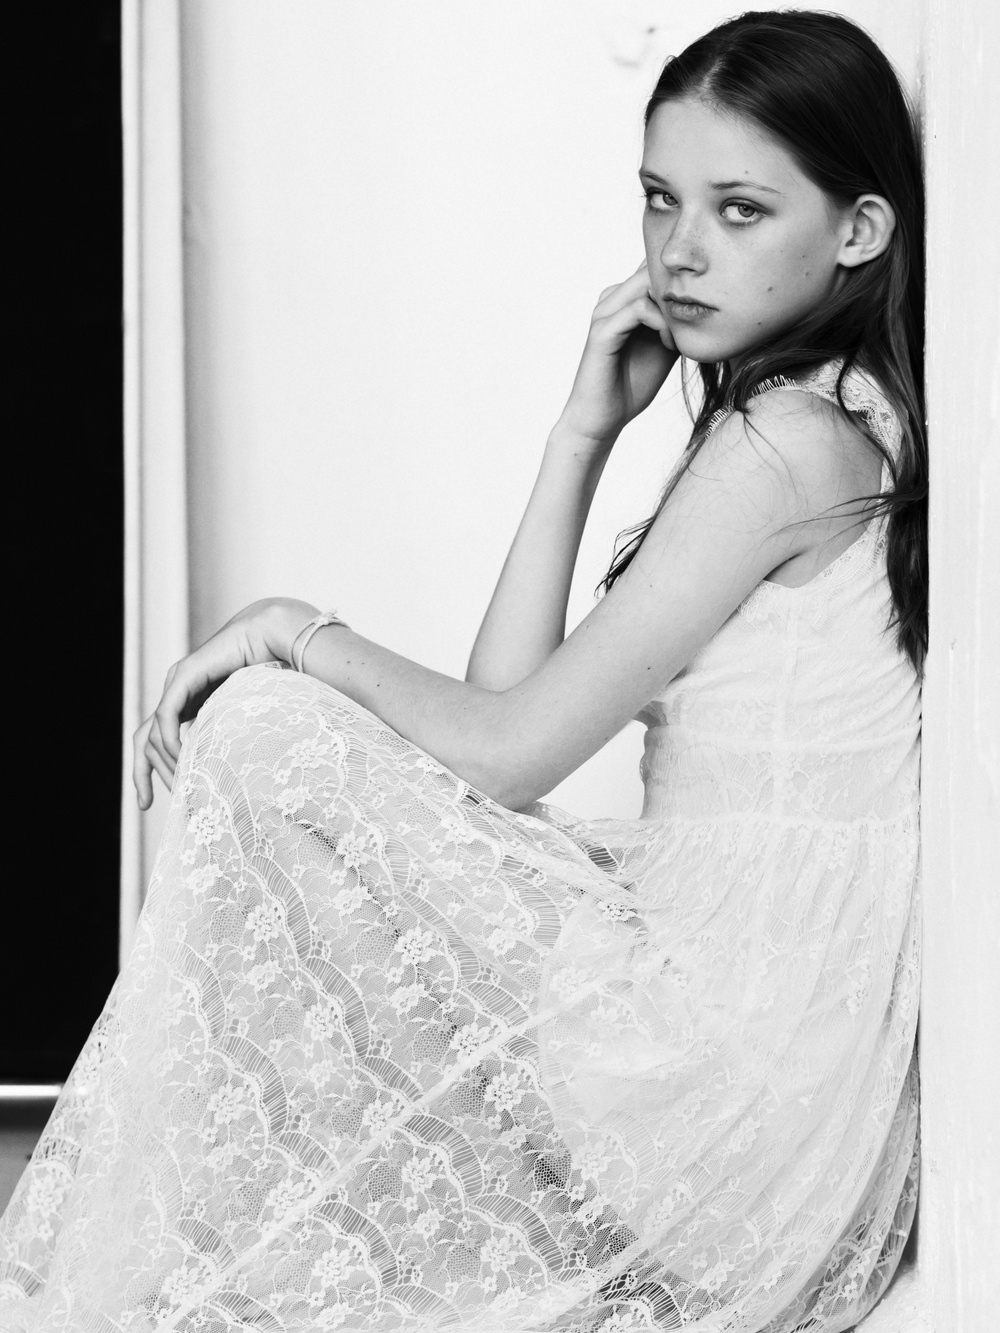 Nastya Mashkina